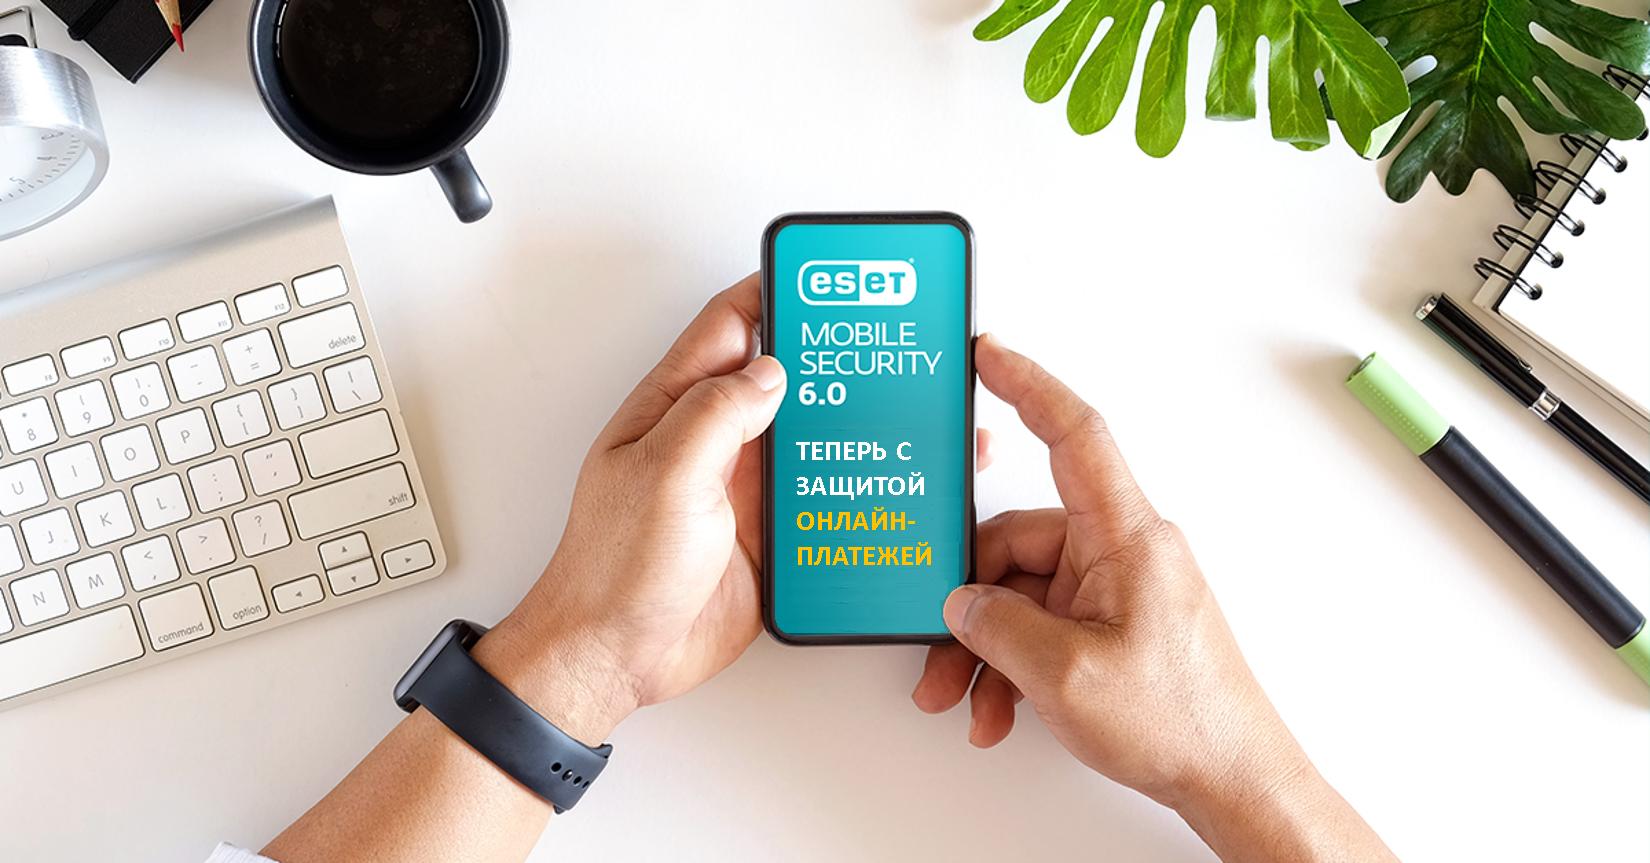 Приложение ESET Mobile Security 6.0 с новой функцией защиты онлайн-платежей.